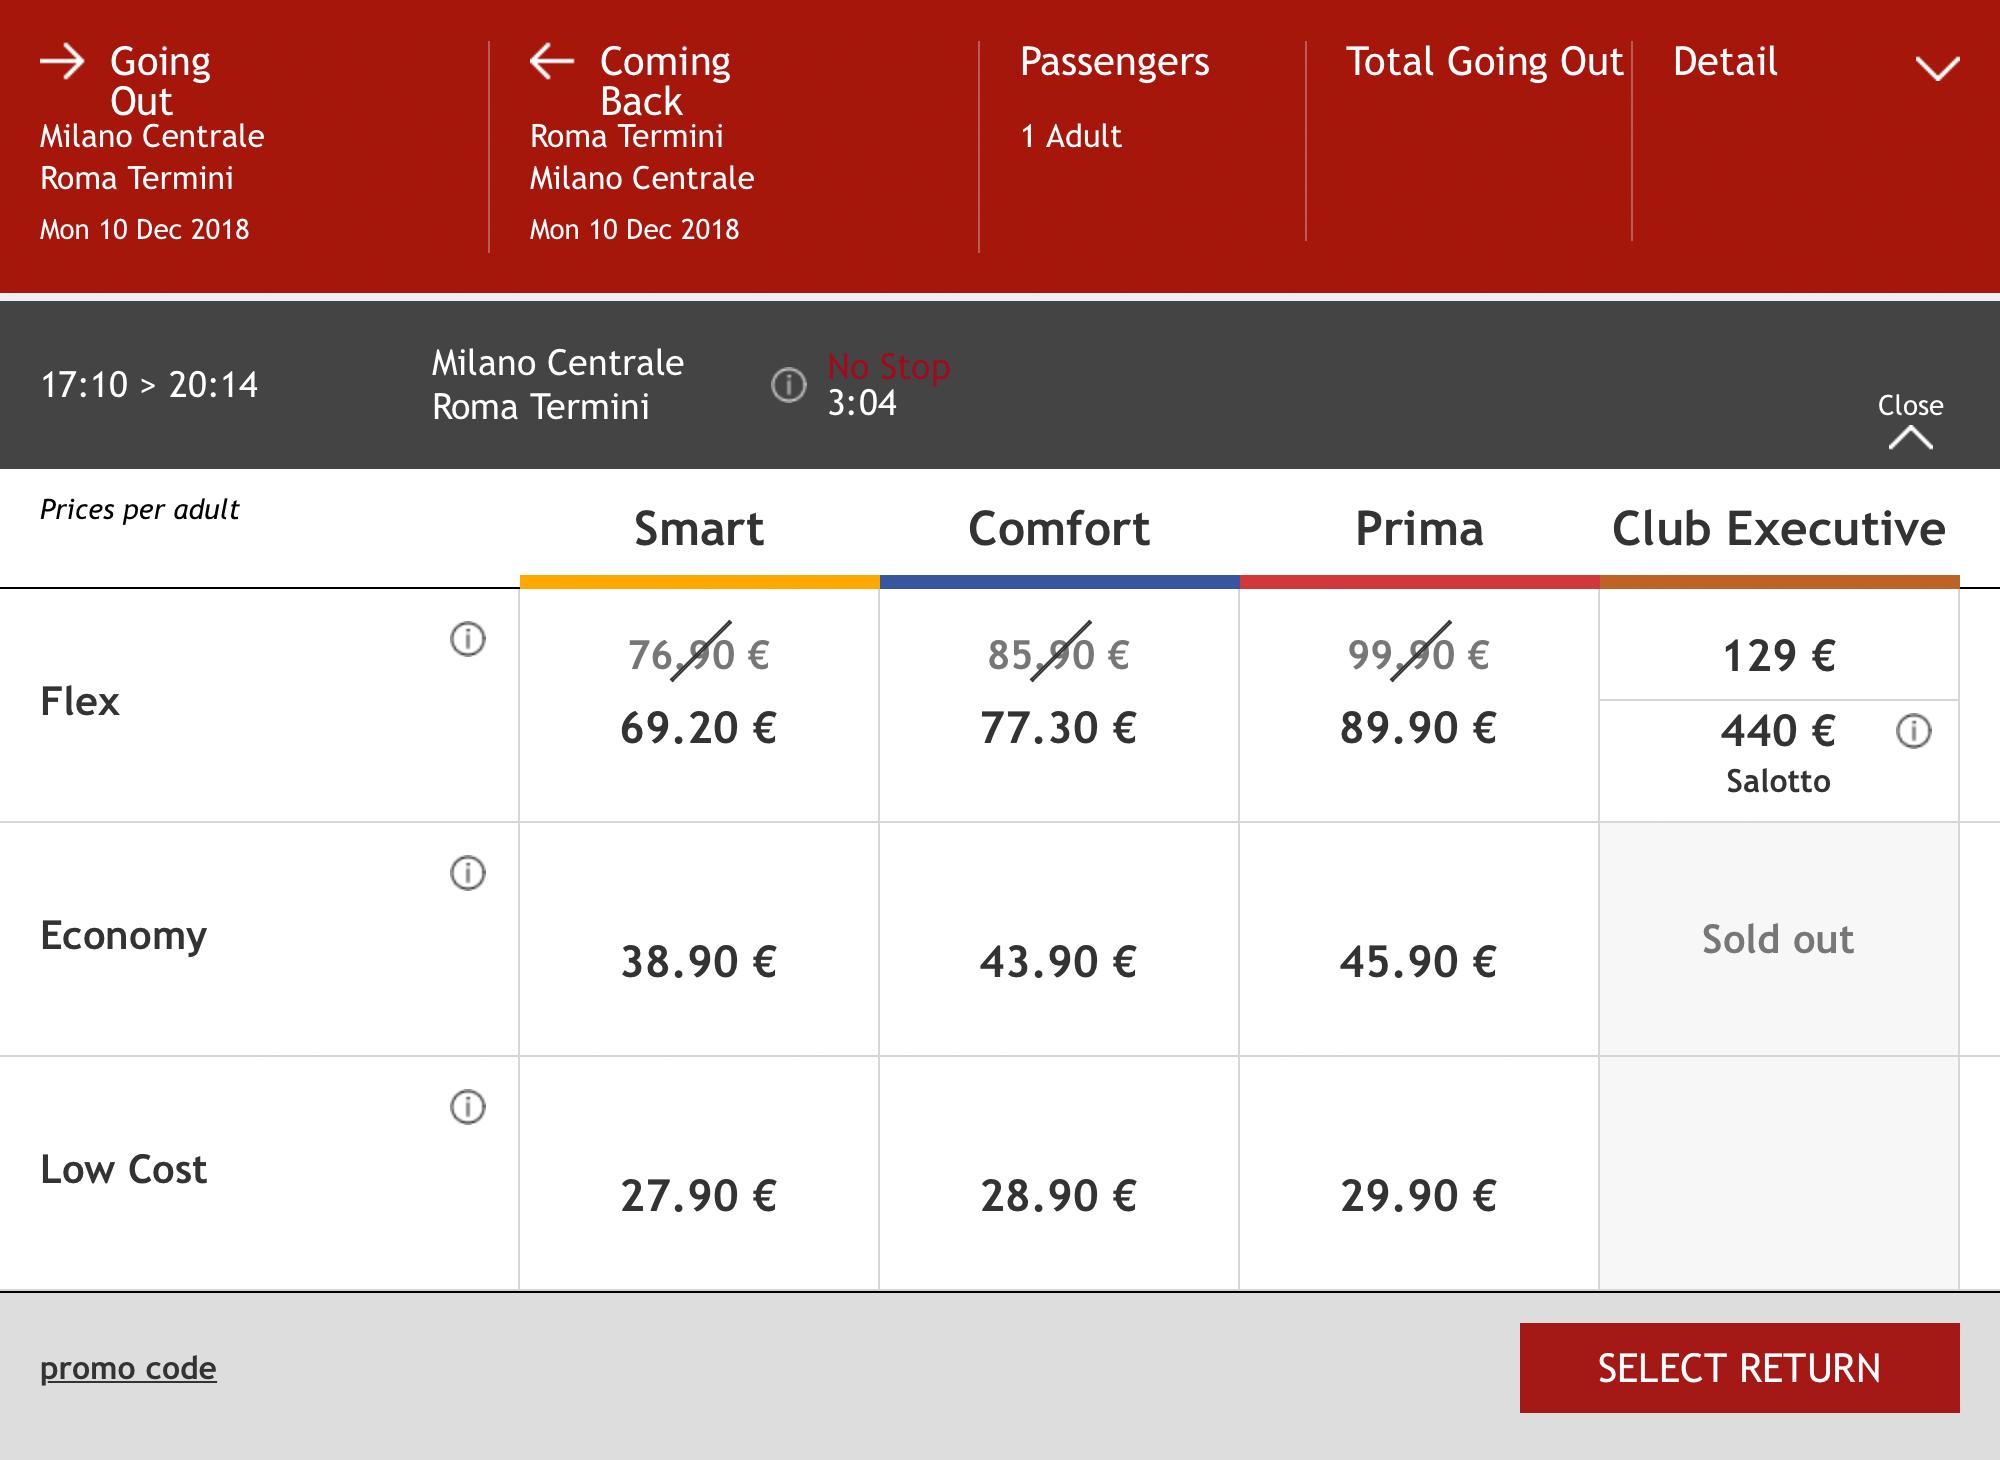 Цена зависит от поезда и категории билета. Чем ближе дата отправления, тем дороже